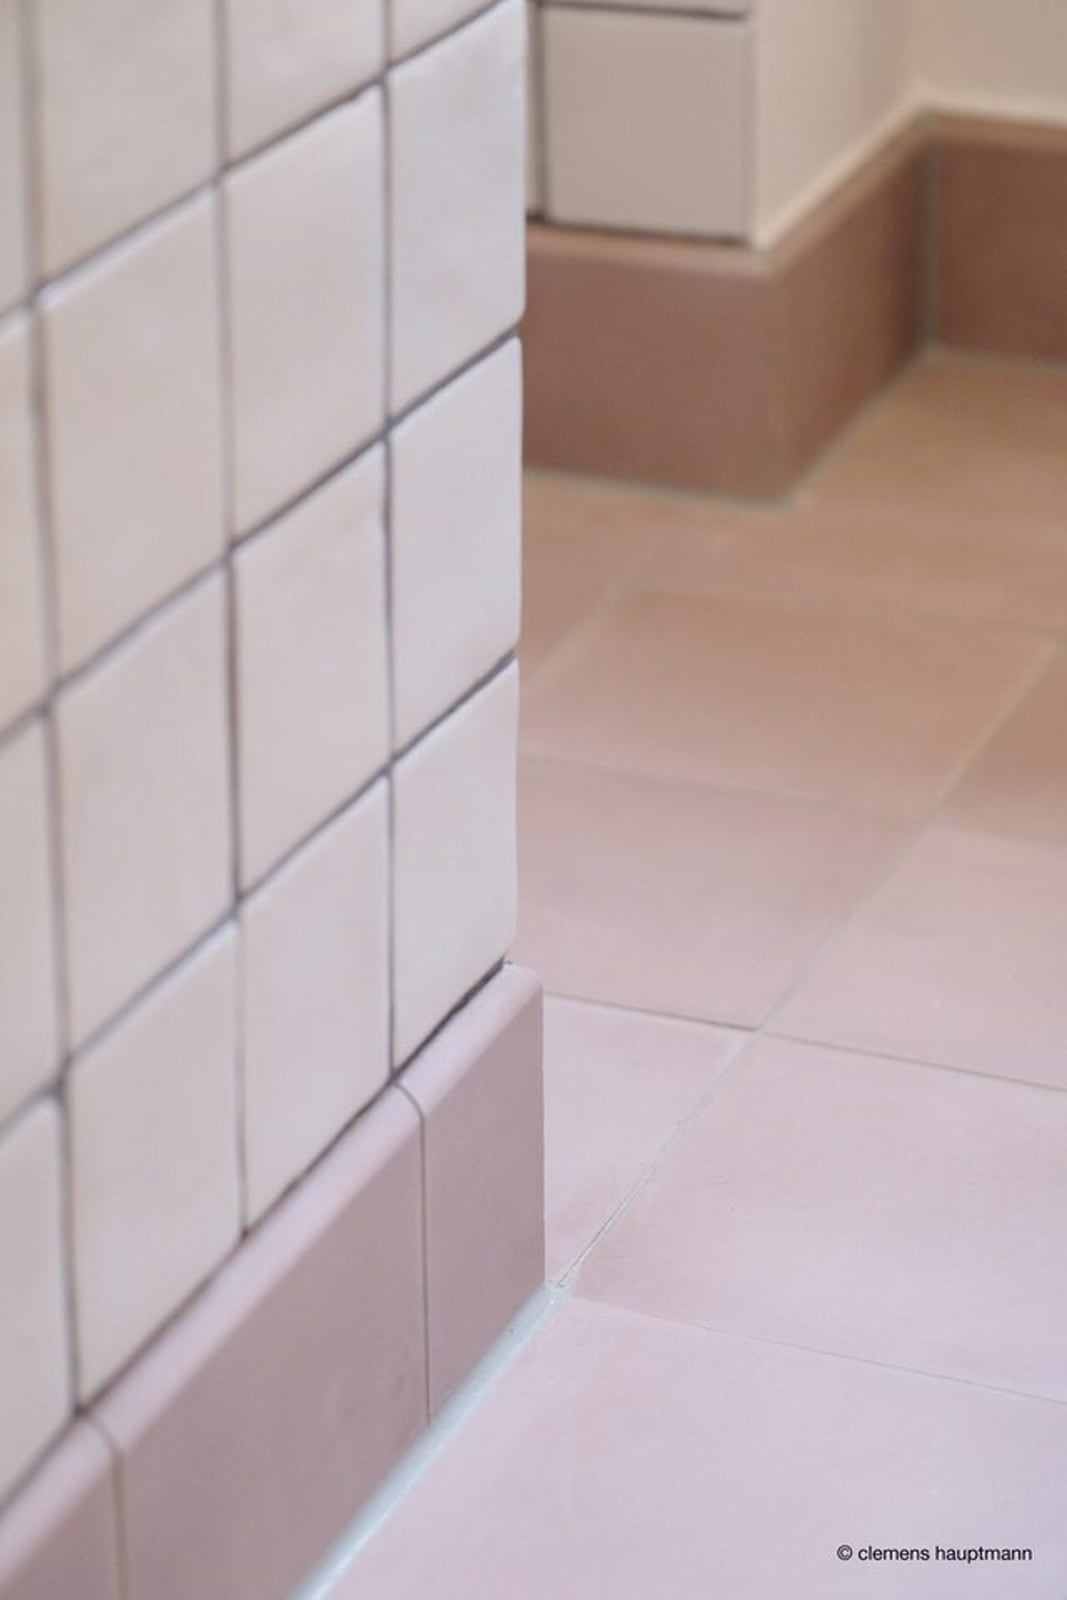 zementfliesen-terrazzofliesen-kreidefarbe-terrazzo-fugenlos-viaplatten-80-bad | 80